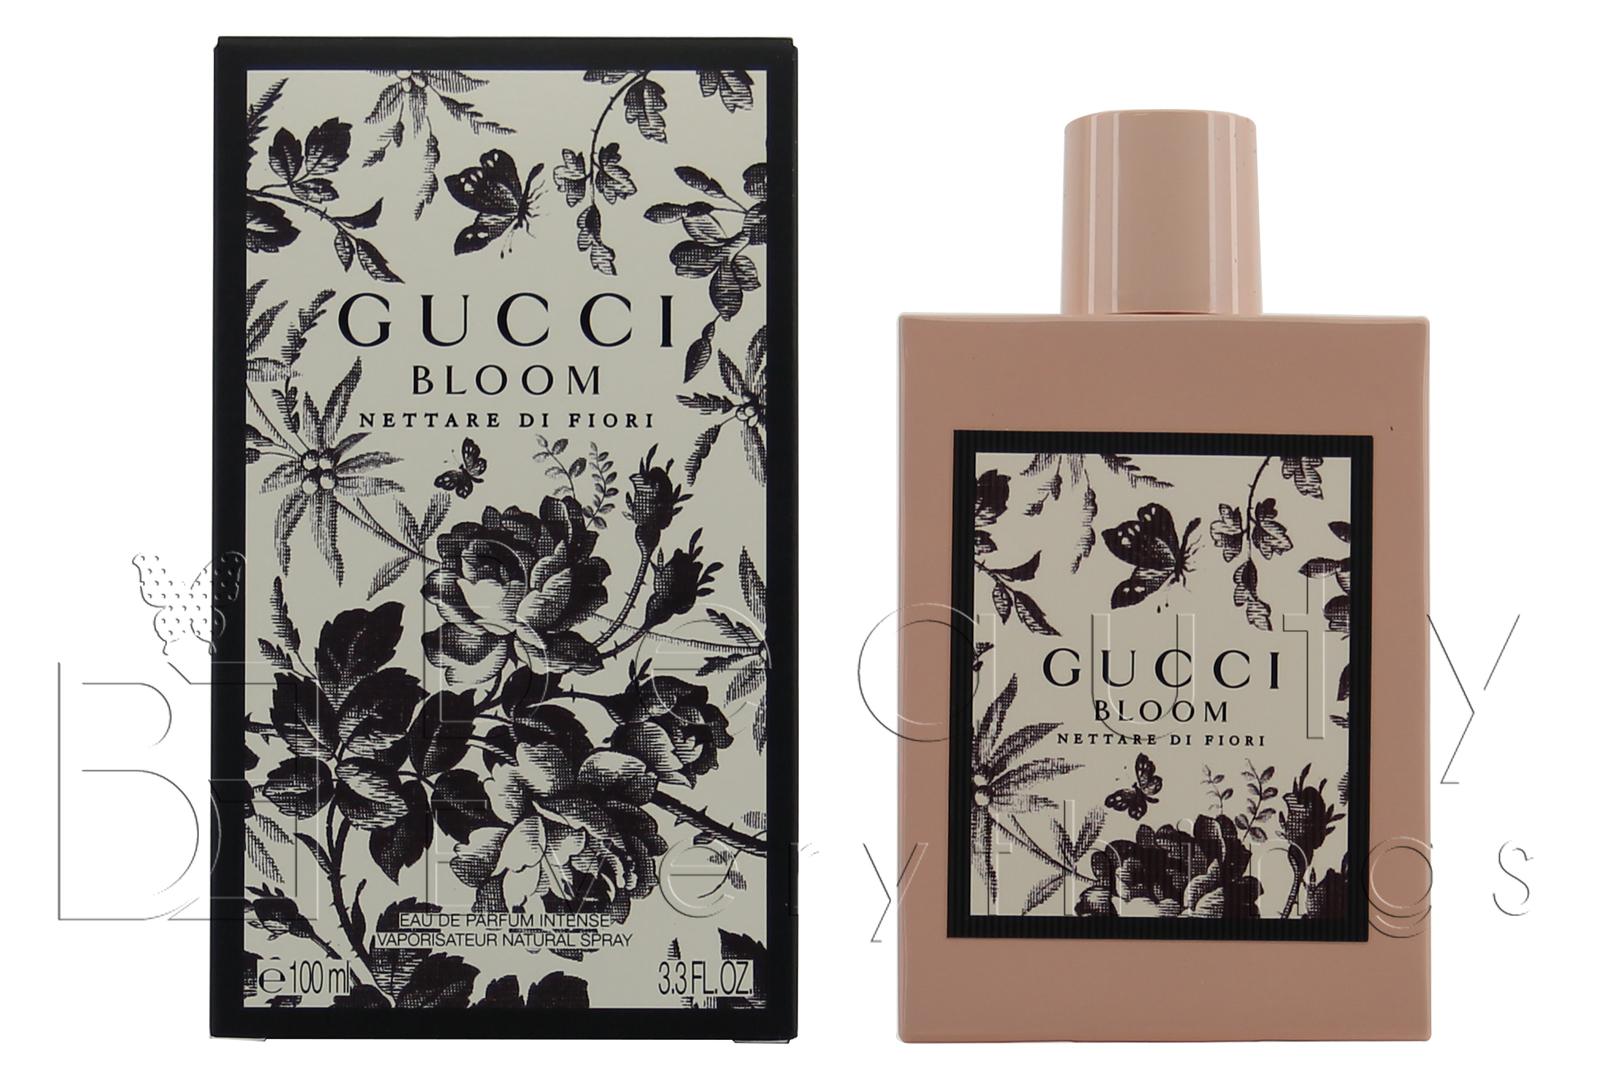 Gucci Bloom Nettare Di Fiori 3.3oz / 100ml EDP Spray NIB Sealed For Women - $76.99